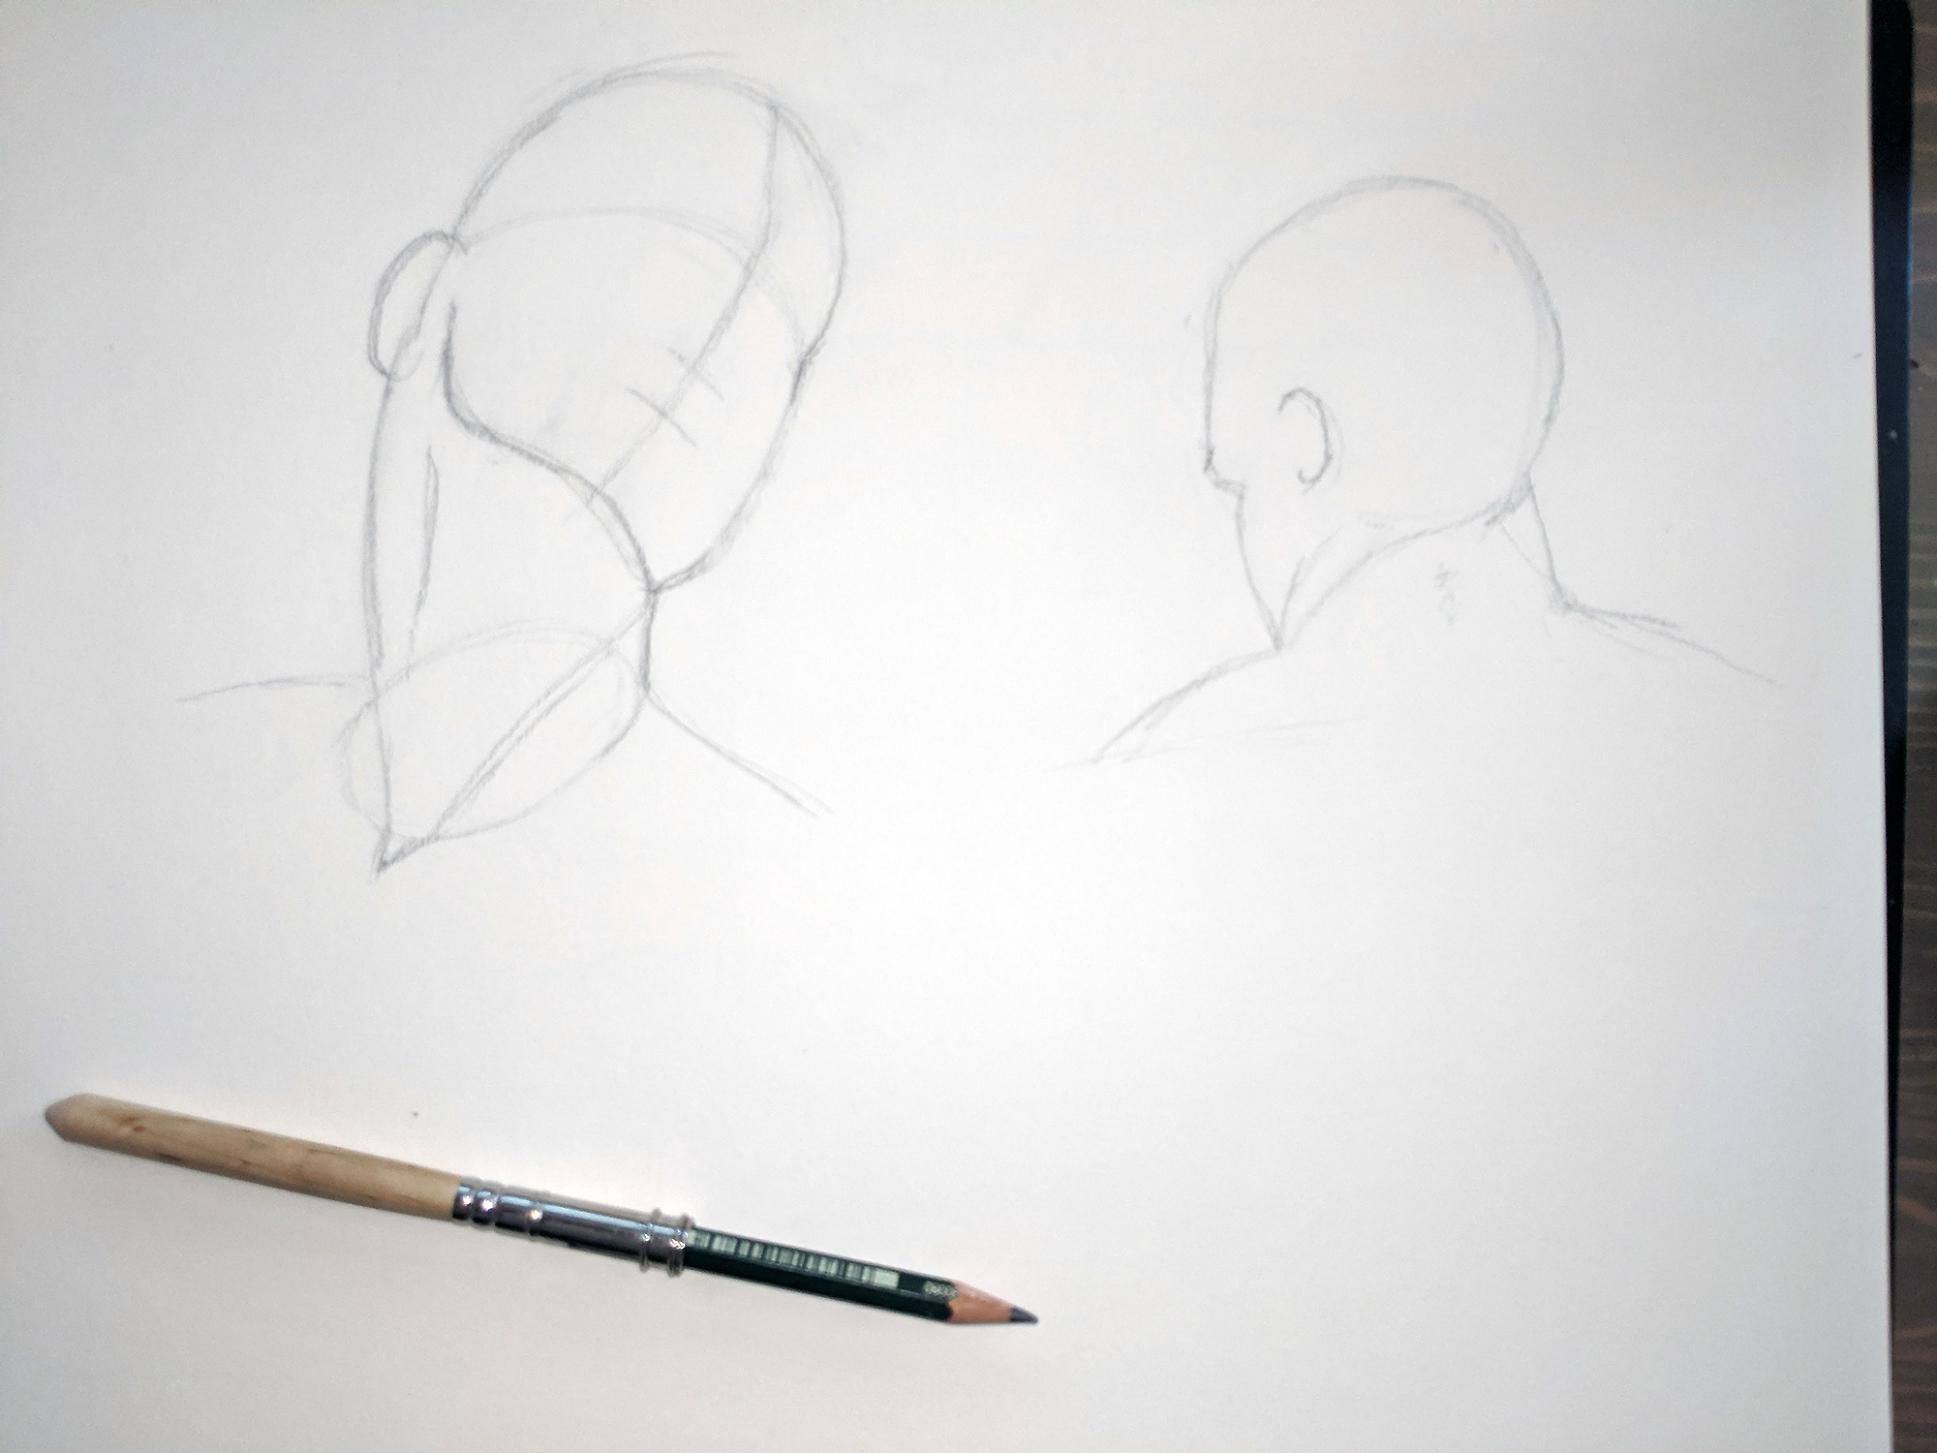 Kopf und Hals